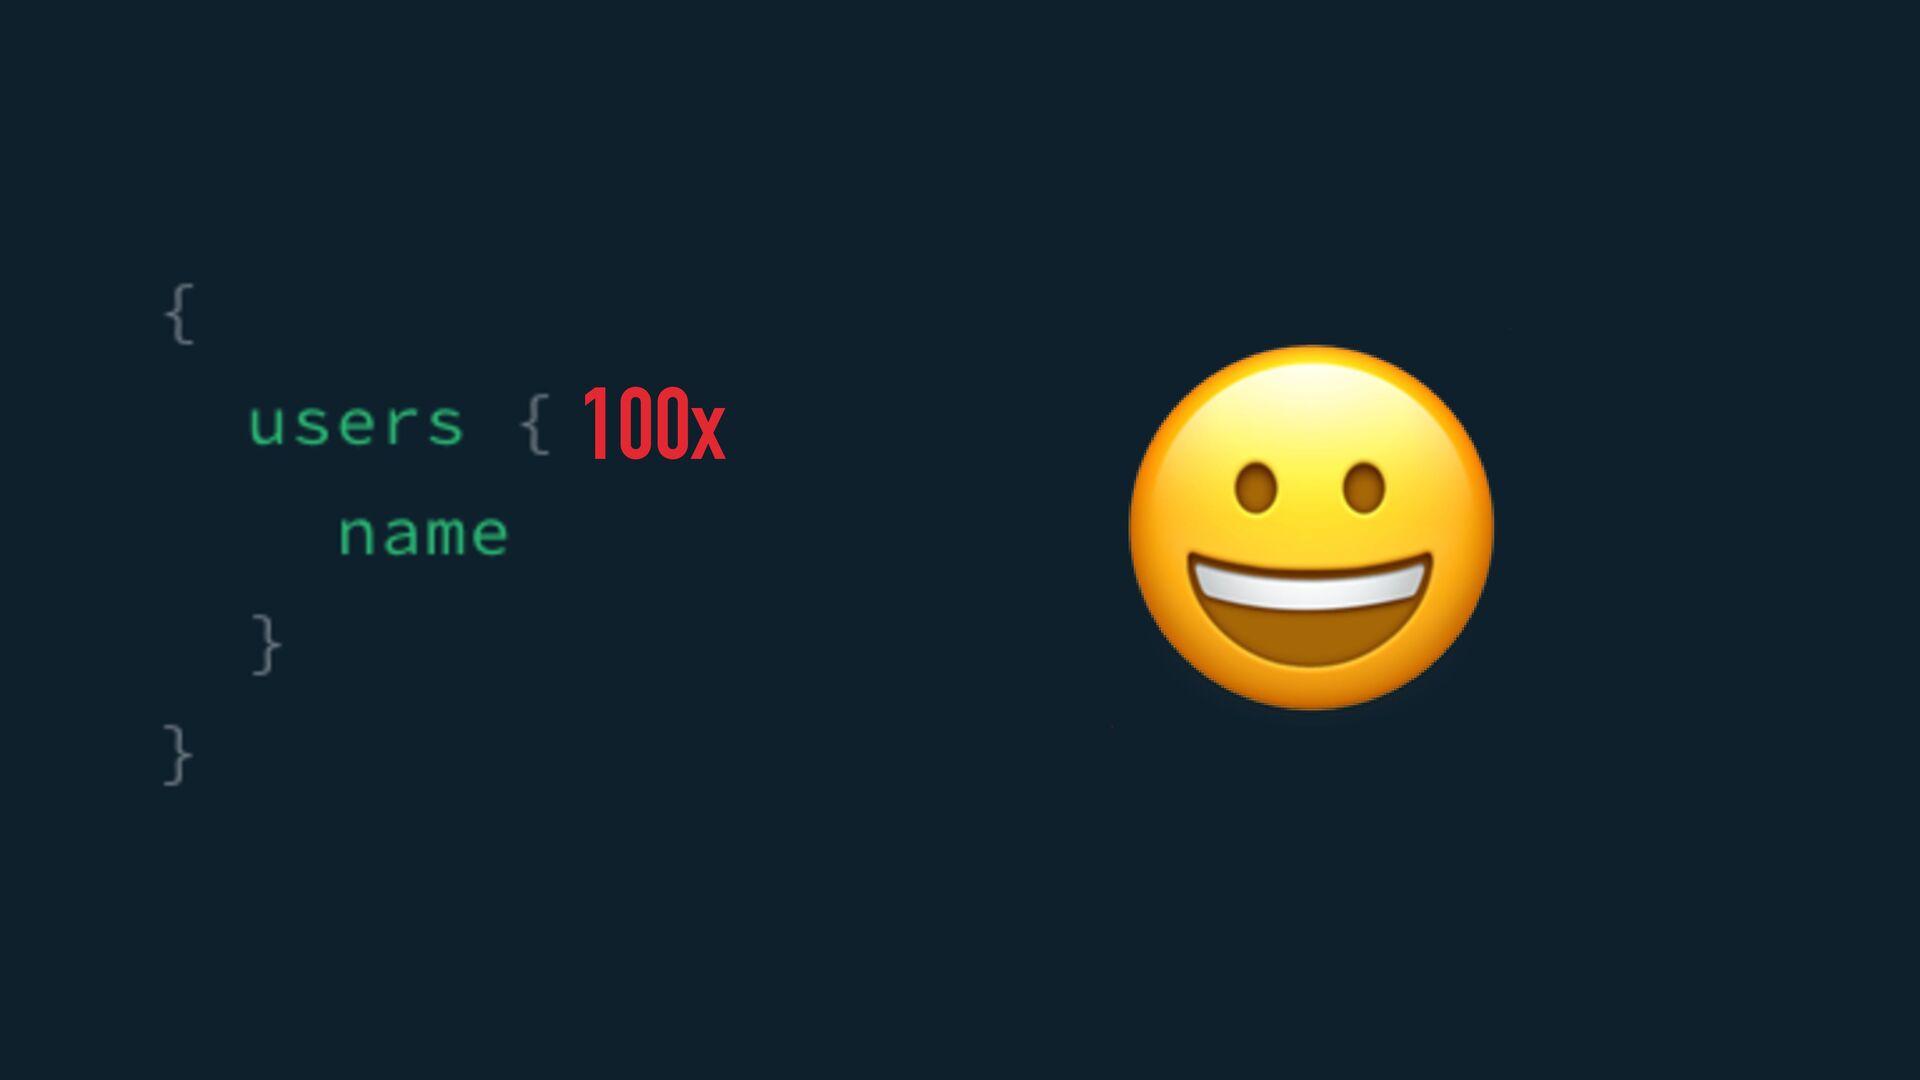 DOSTAJEMY 100 ELEMENTÓW 100x 😀